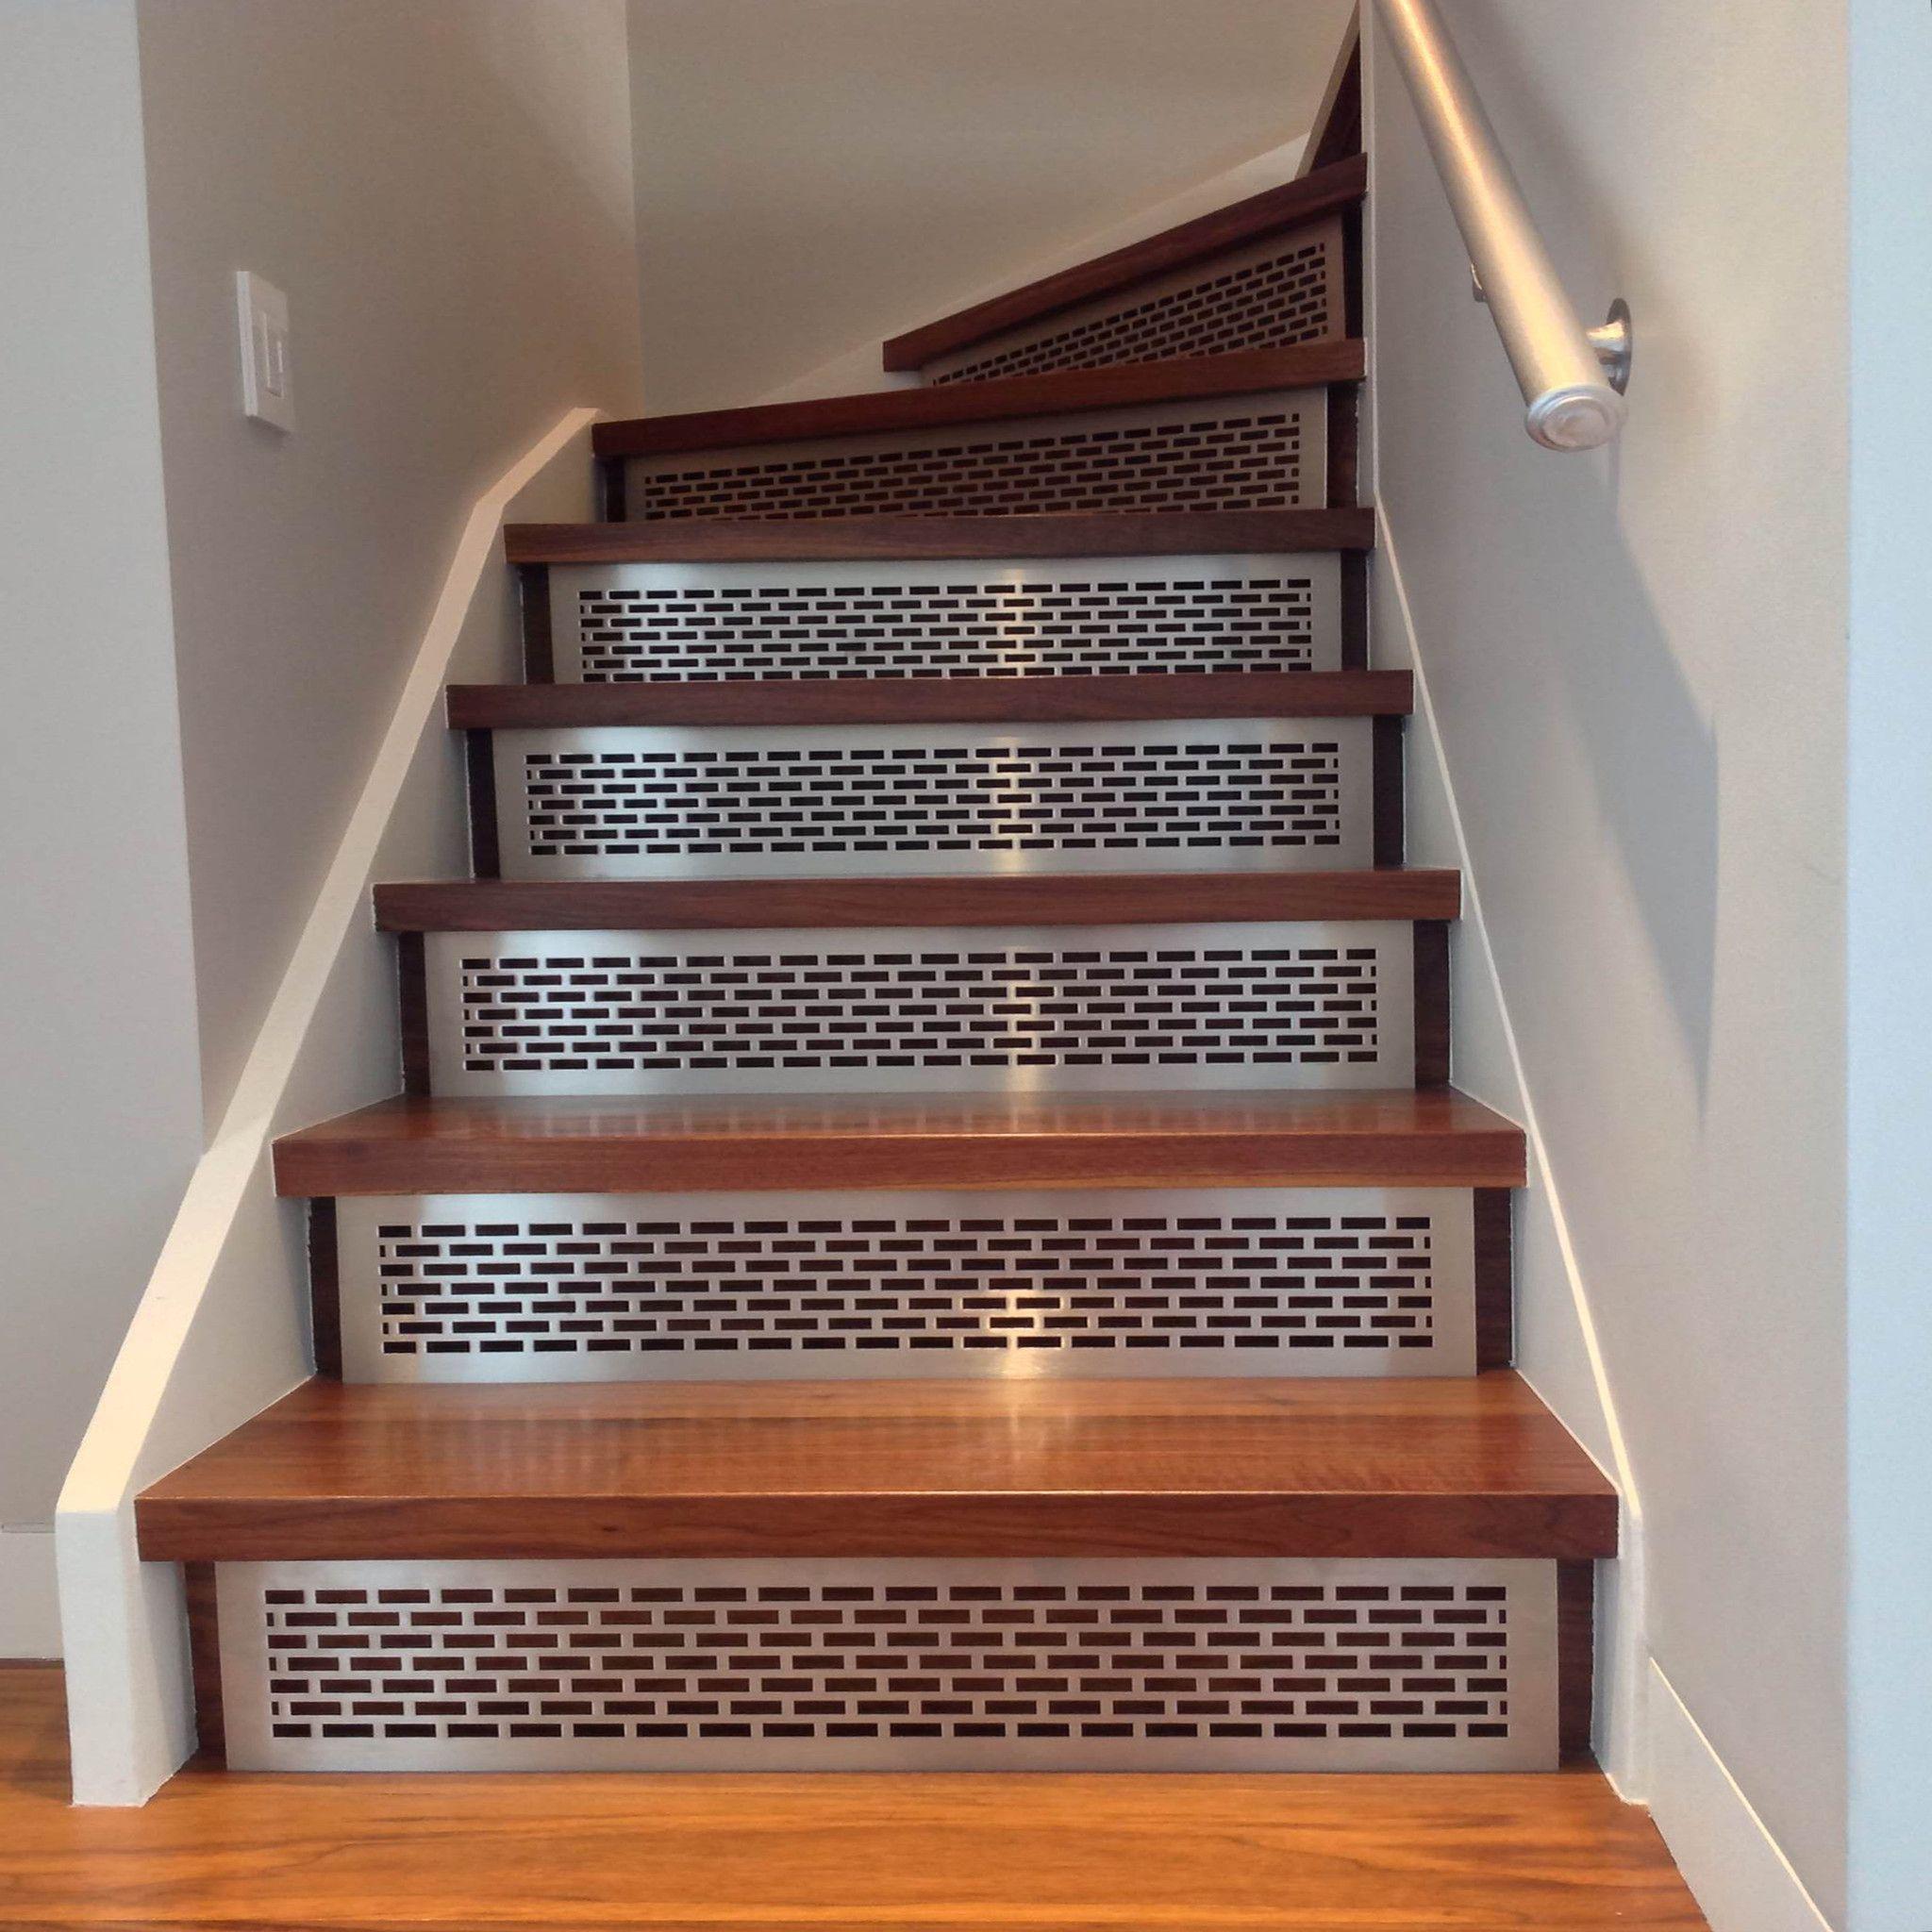 Stair Risers Treads Stairs Design Wood Stair Treads Hardwood | Hardwood Treads And Risers | Stair Nosing | Carpet | Hardwood Flooring | Red Oak | Stair Tread